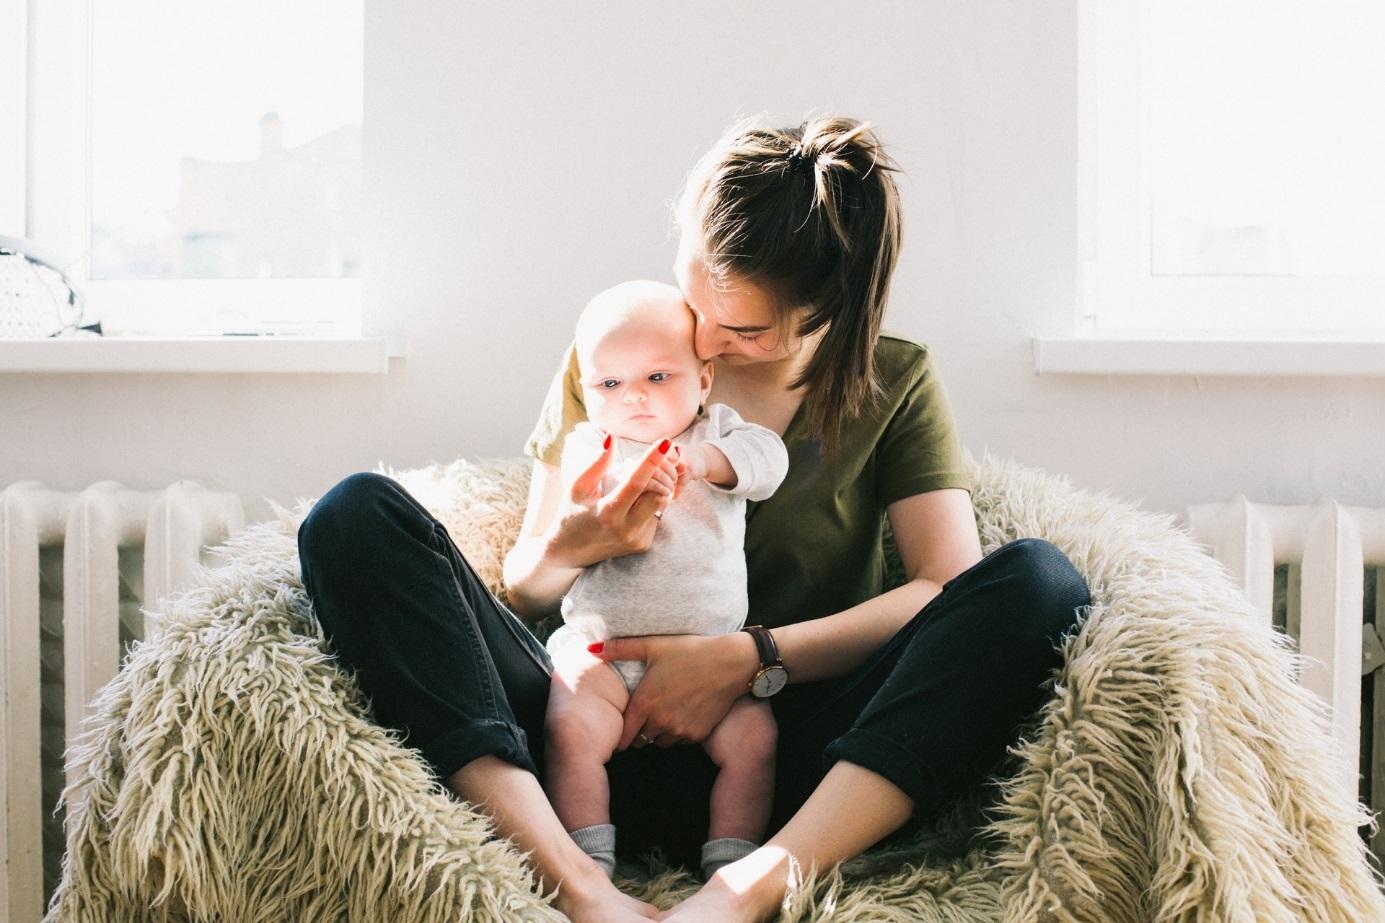 Frau sitzt auf Sessel und hält Baby.